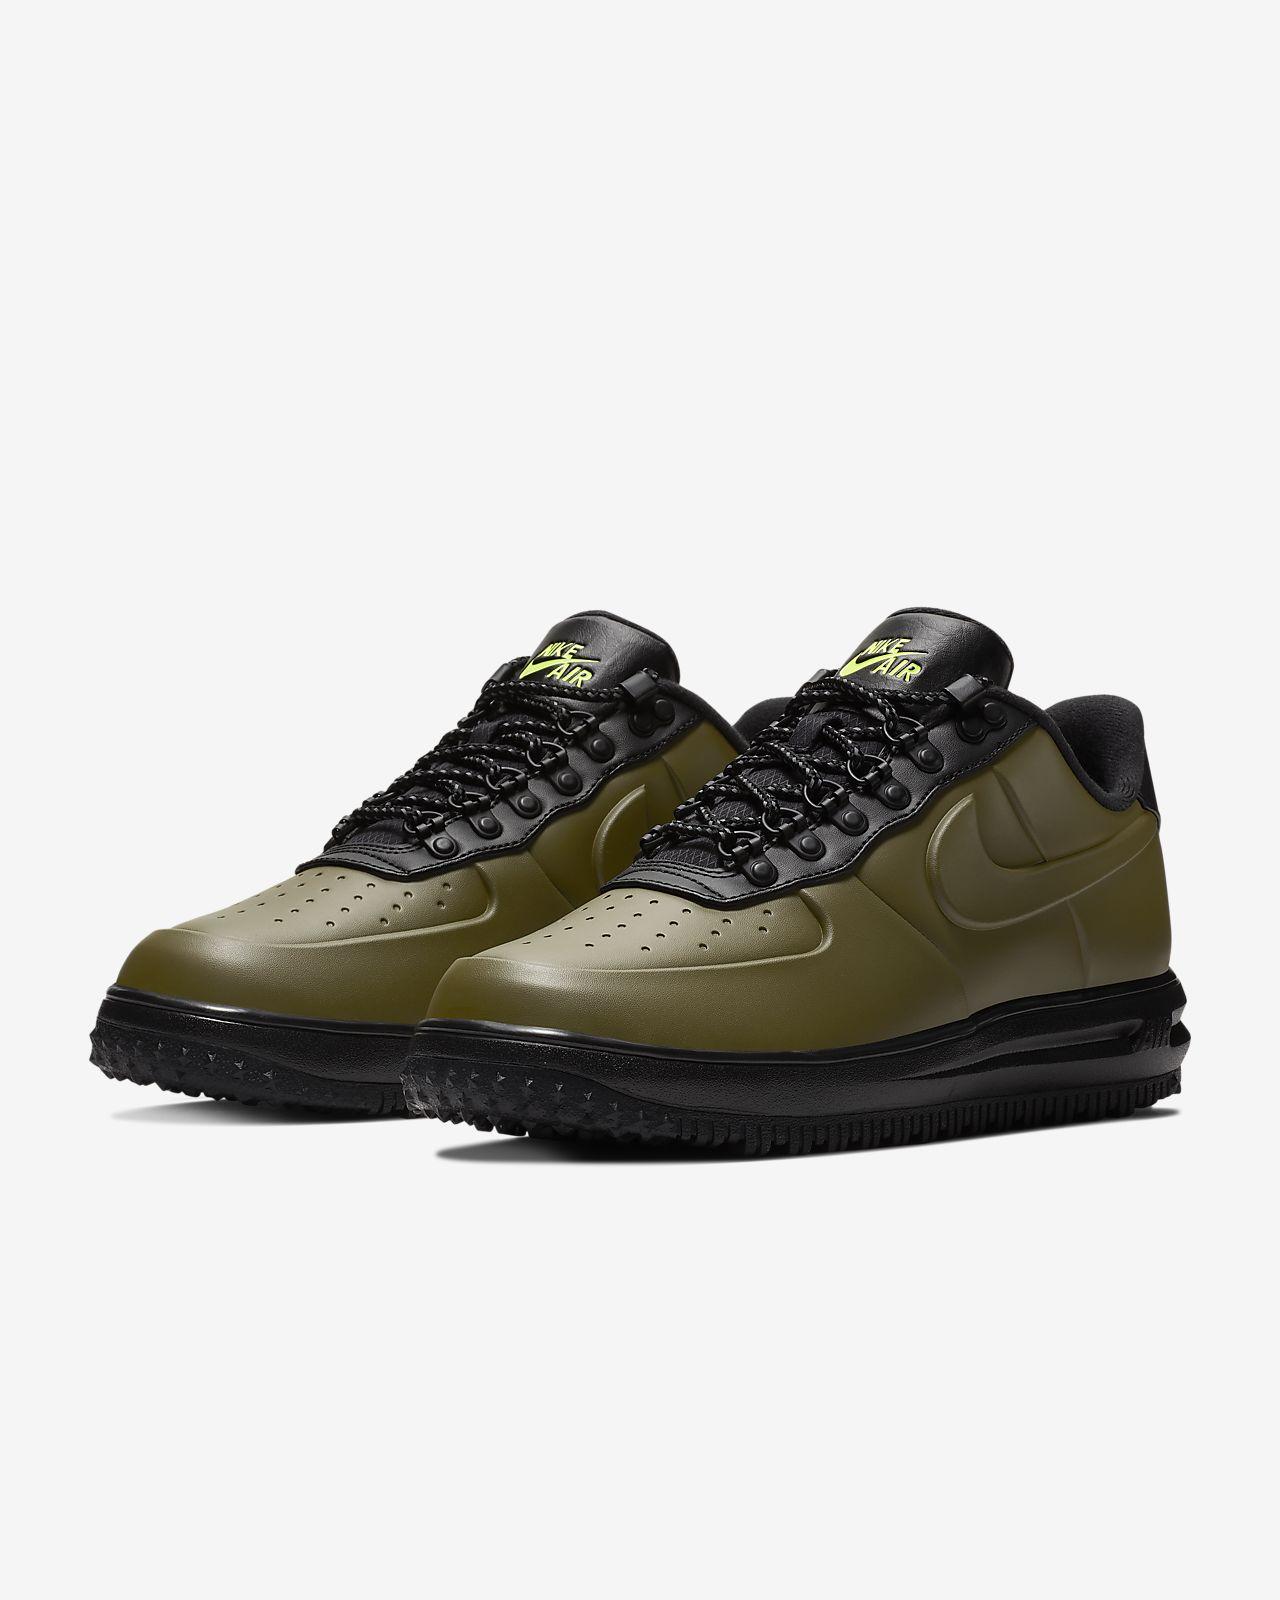 online store e068e 41d0f ... Nike Lunar Force 1 Duckboot Low Men s Shoe